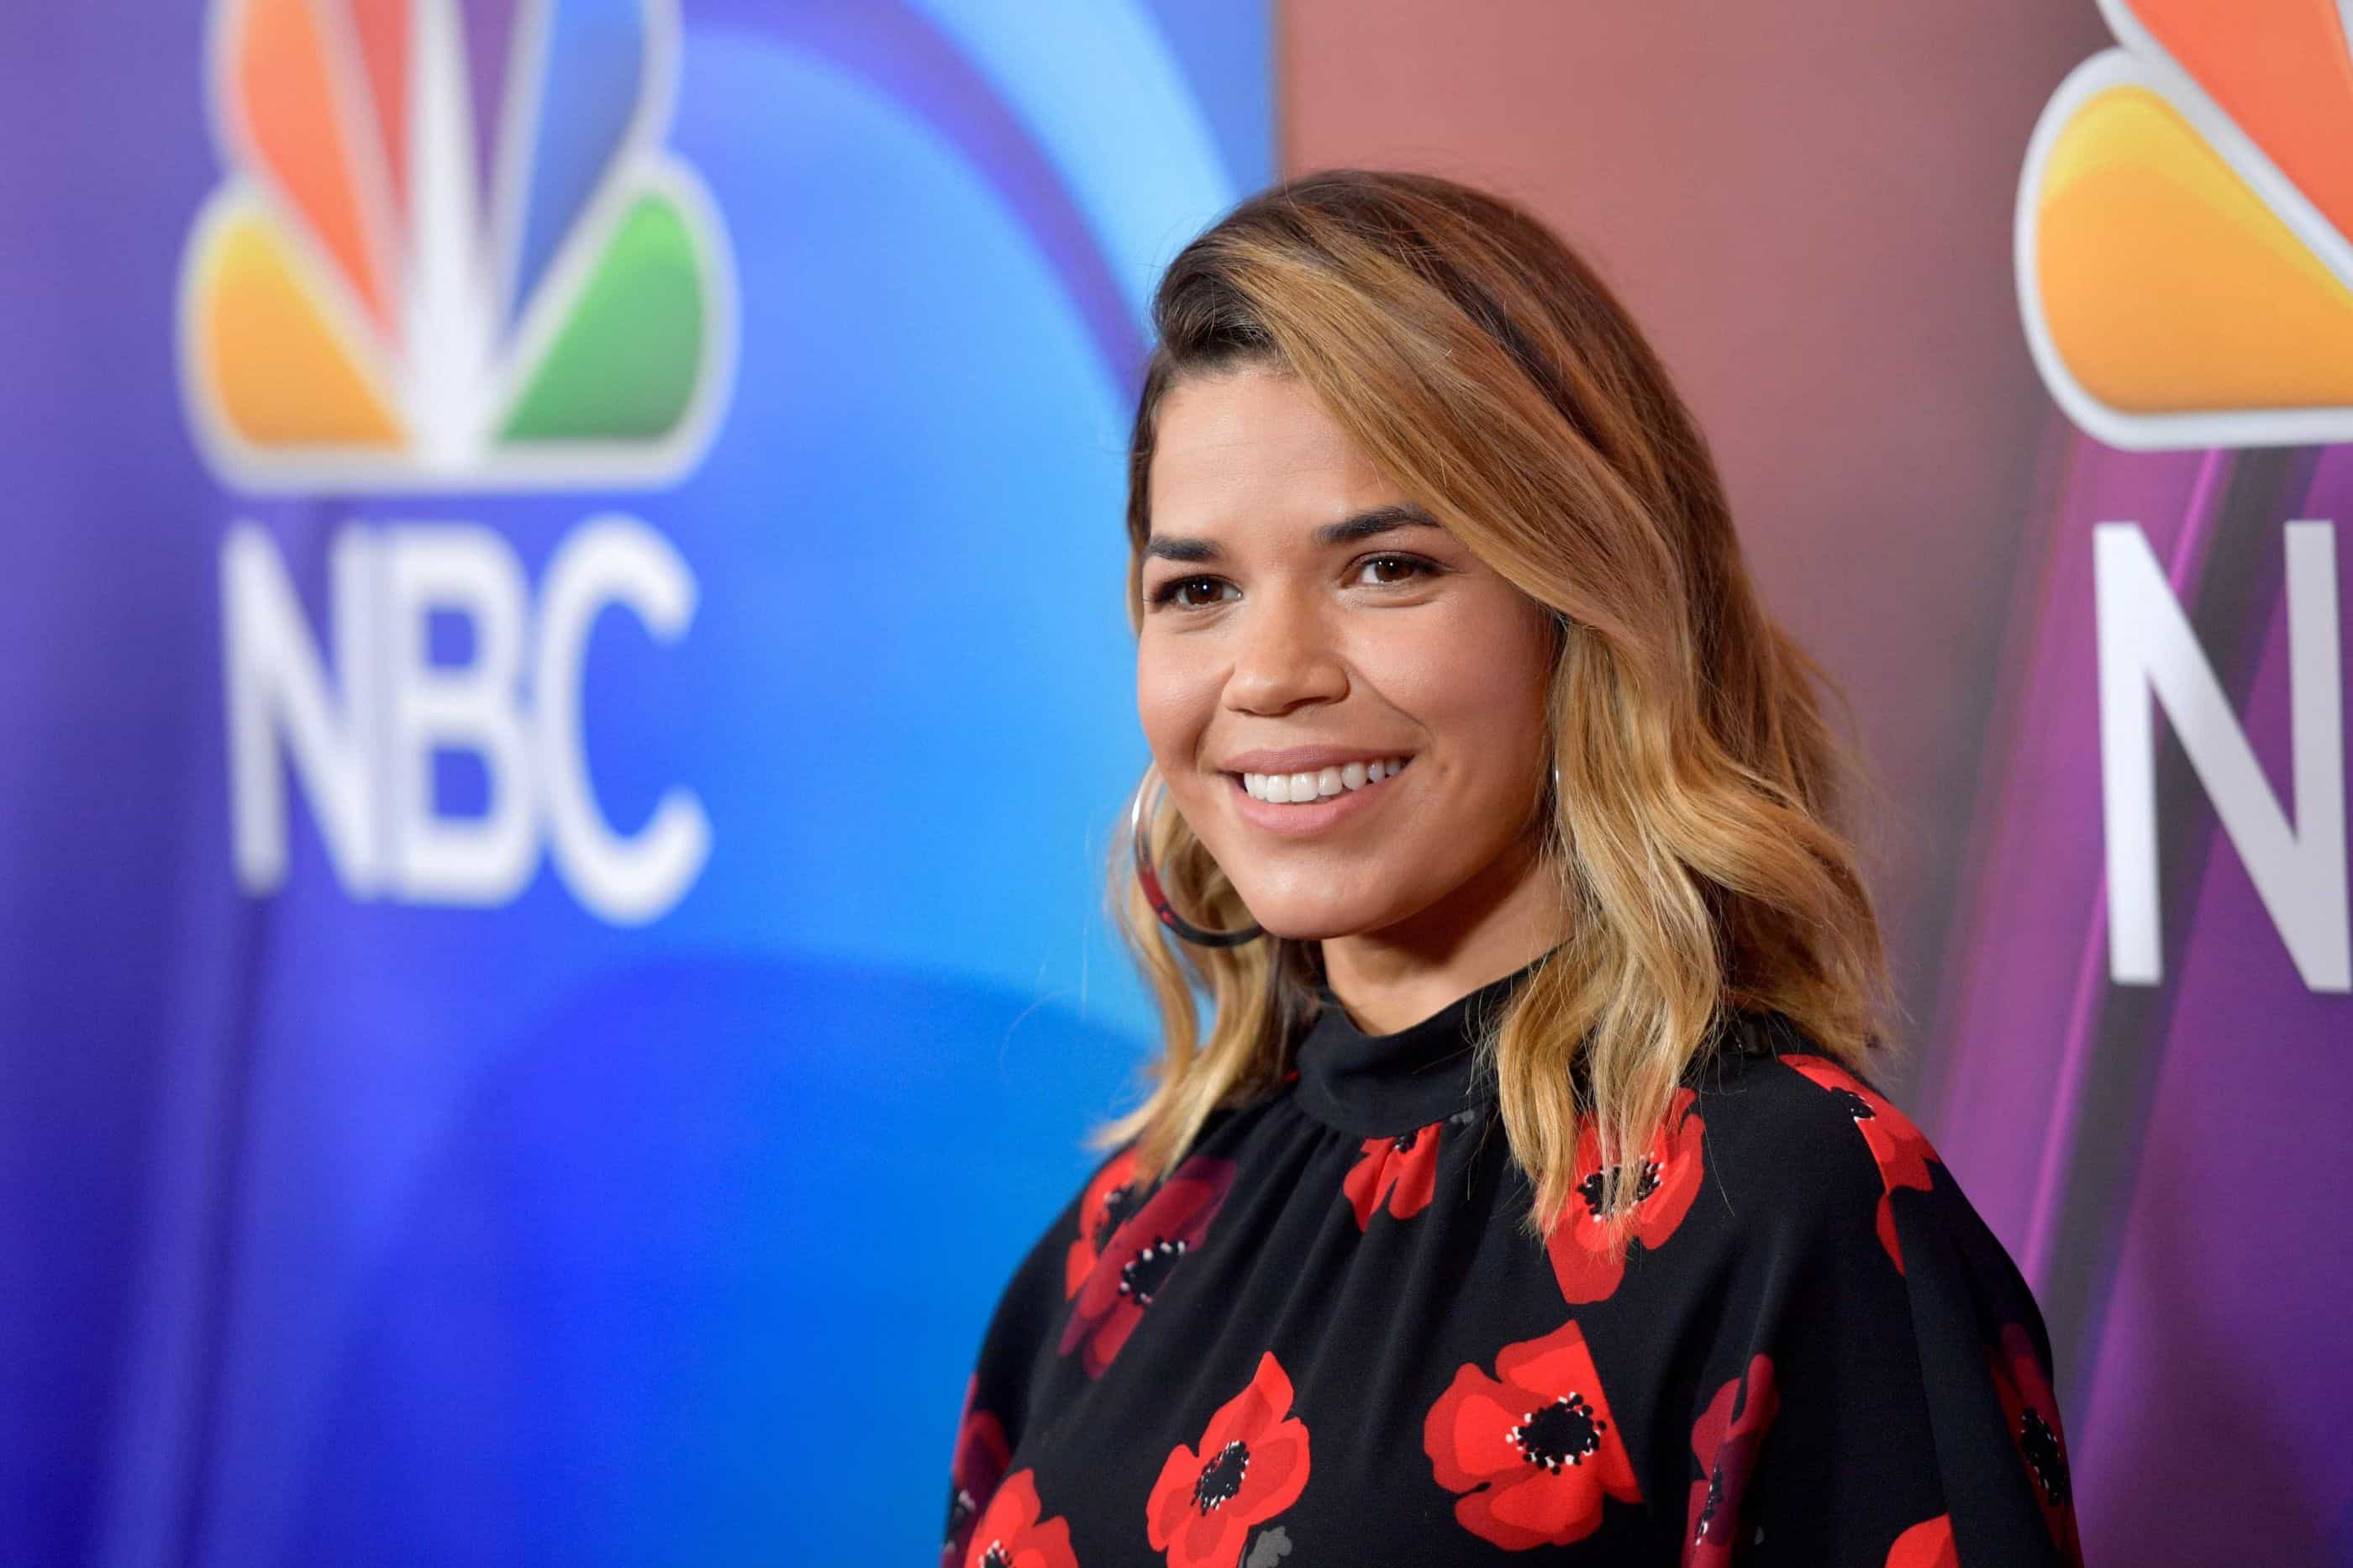 America Ferrera eleva questões sociais além da comédia em 'Superstore'